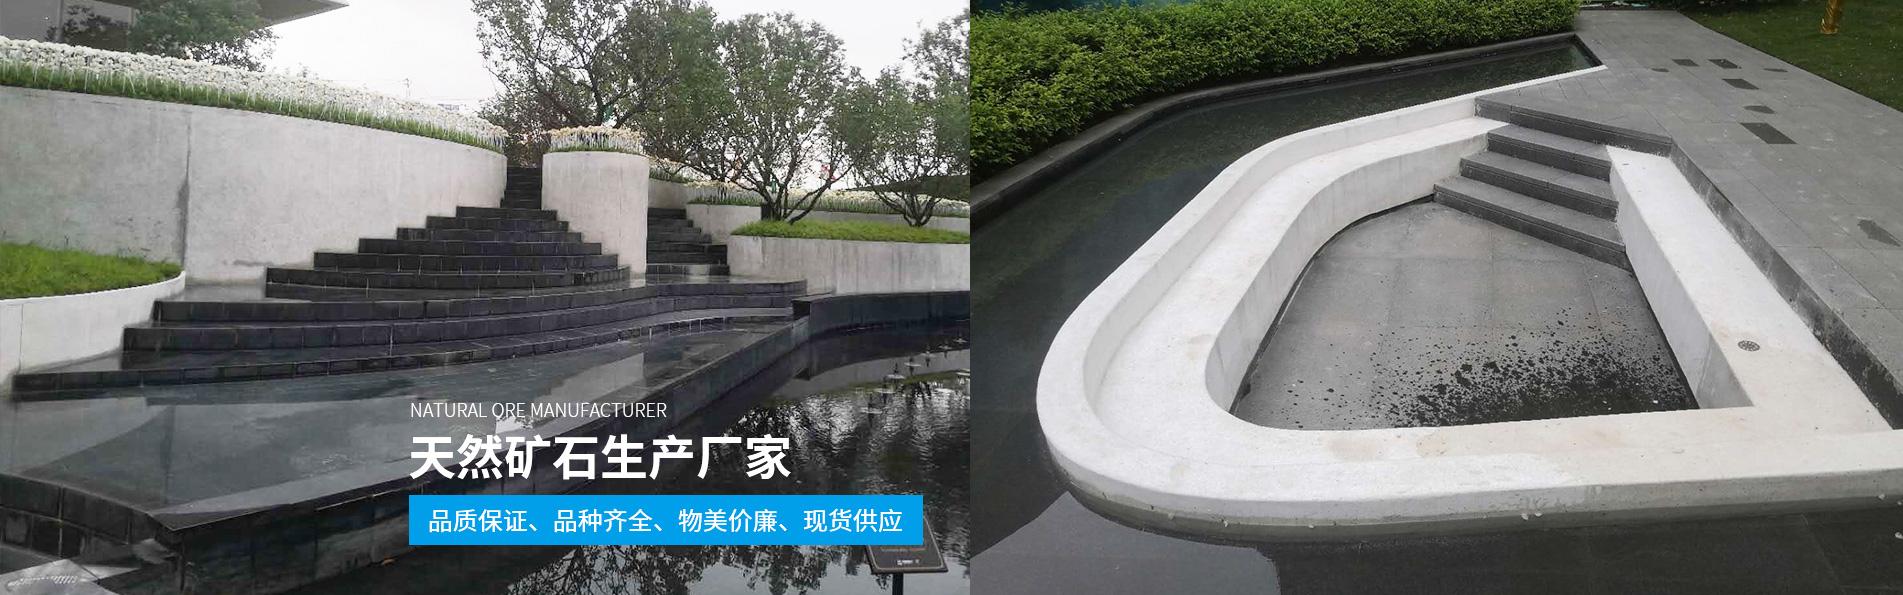 重庆水磨石原材料批发